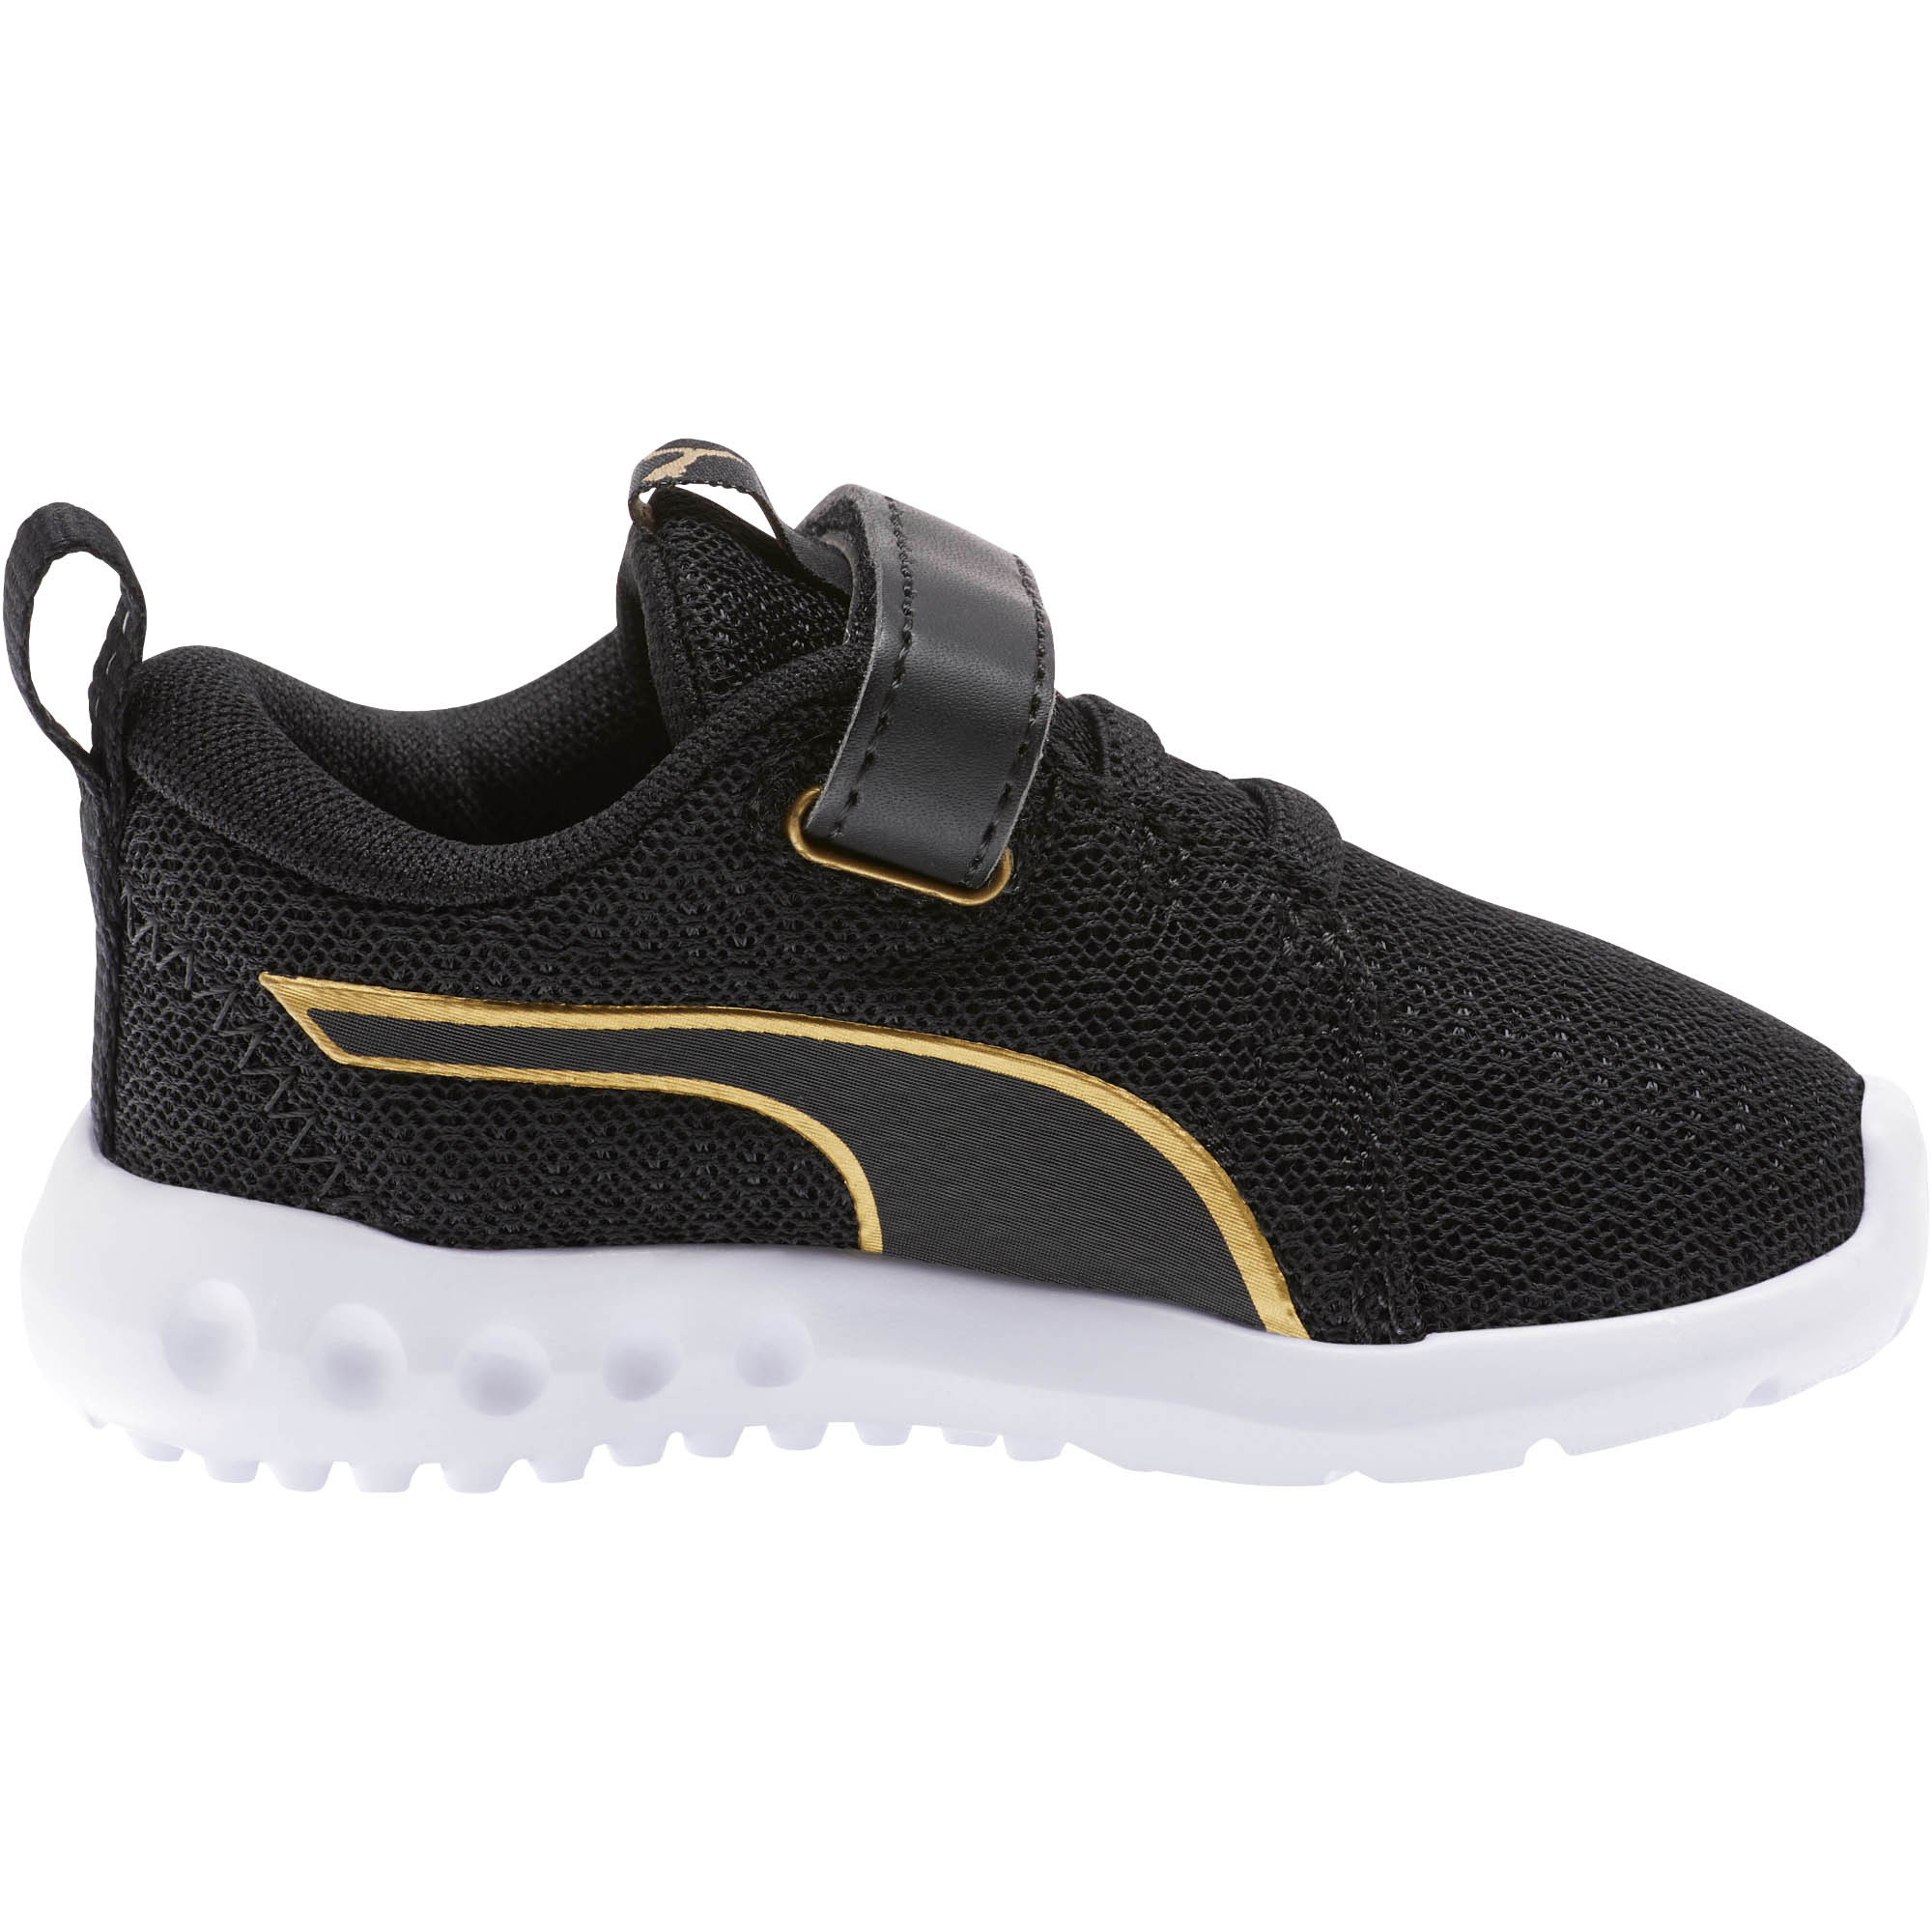 PUMA-Carson-2-Metallic-Mesh-Toddler-Shoes-Girls-Shoe-Kids thumbnail 5